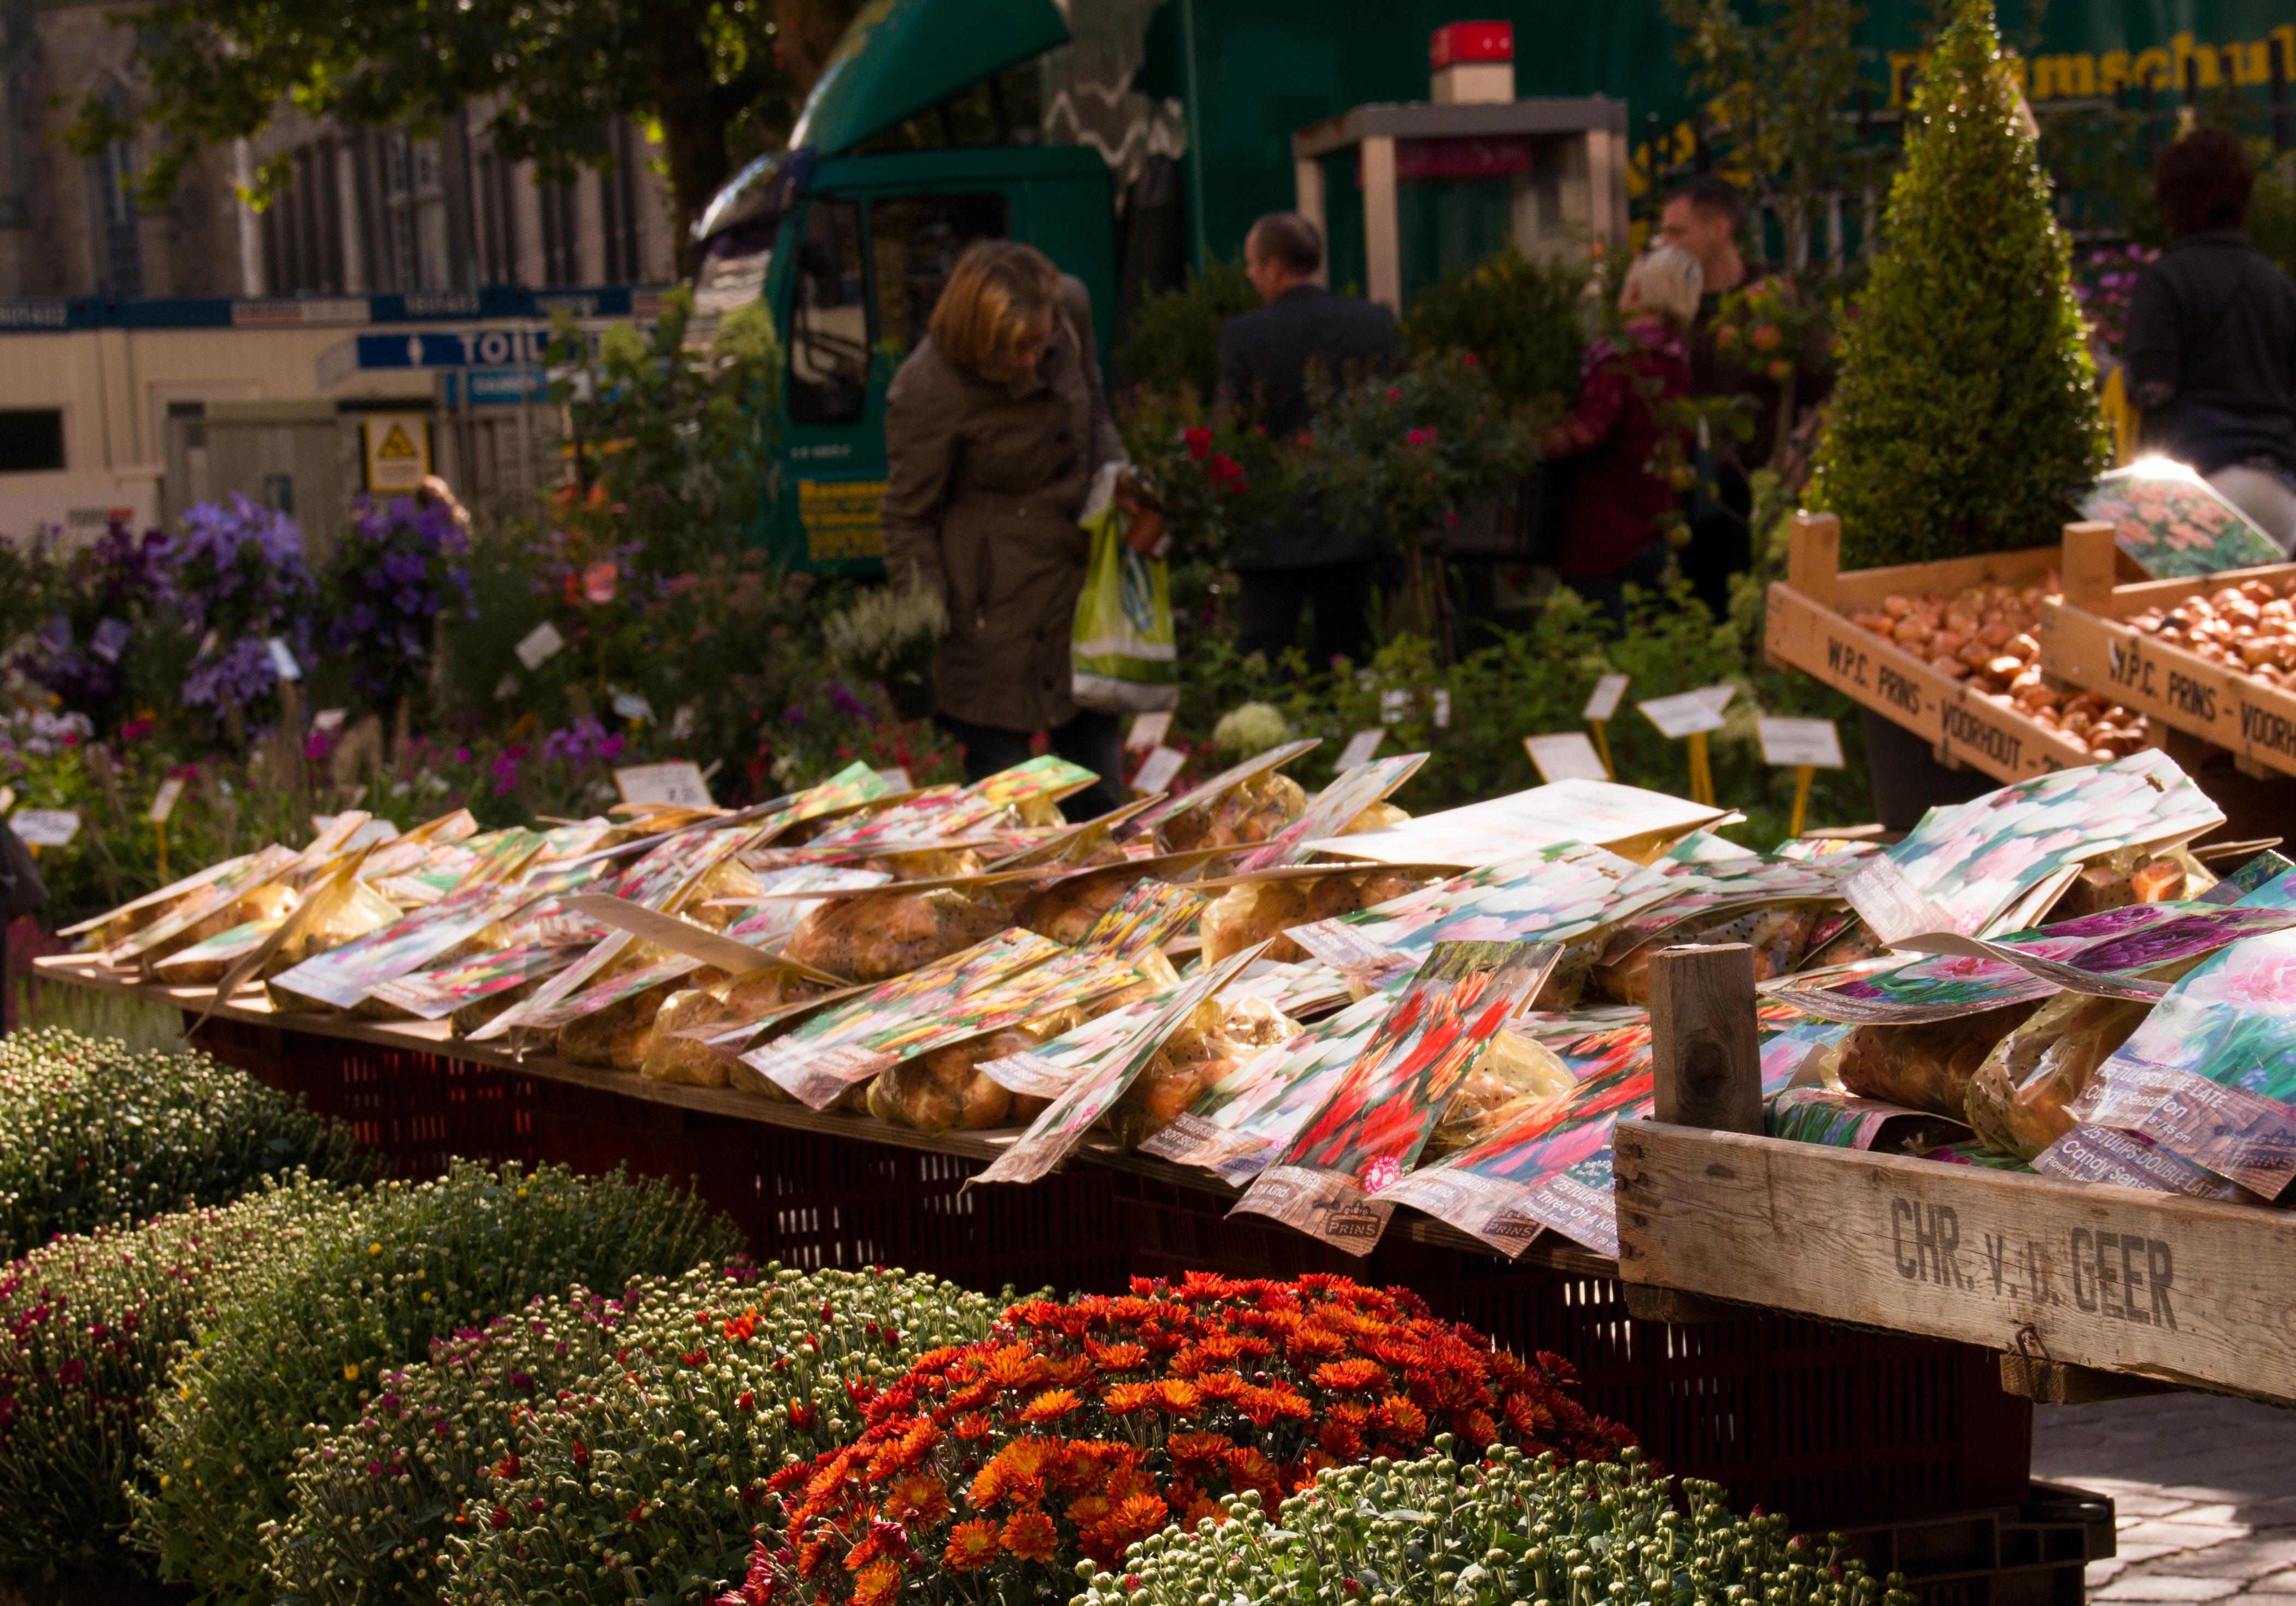 Blumenzwiebeln und Sträucher auf dem Bremer Blumenmarkt in der Innenstadt